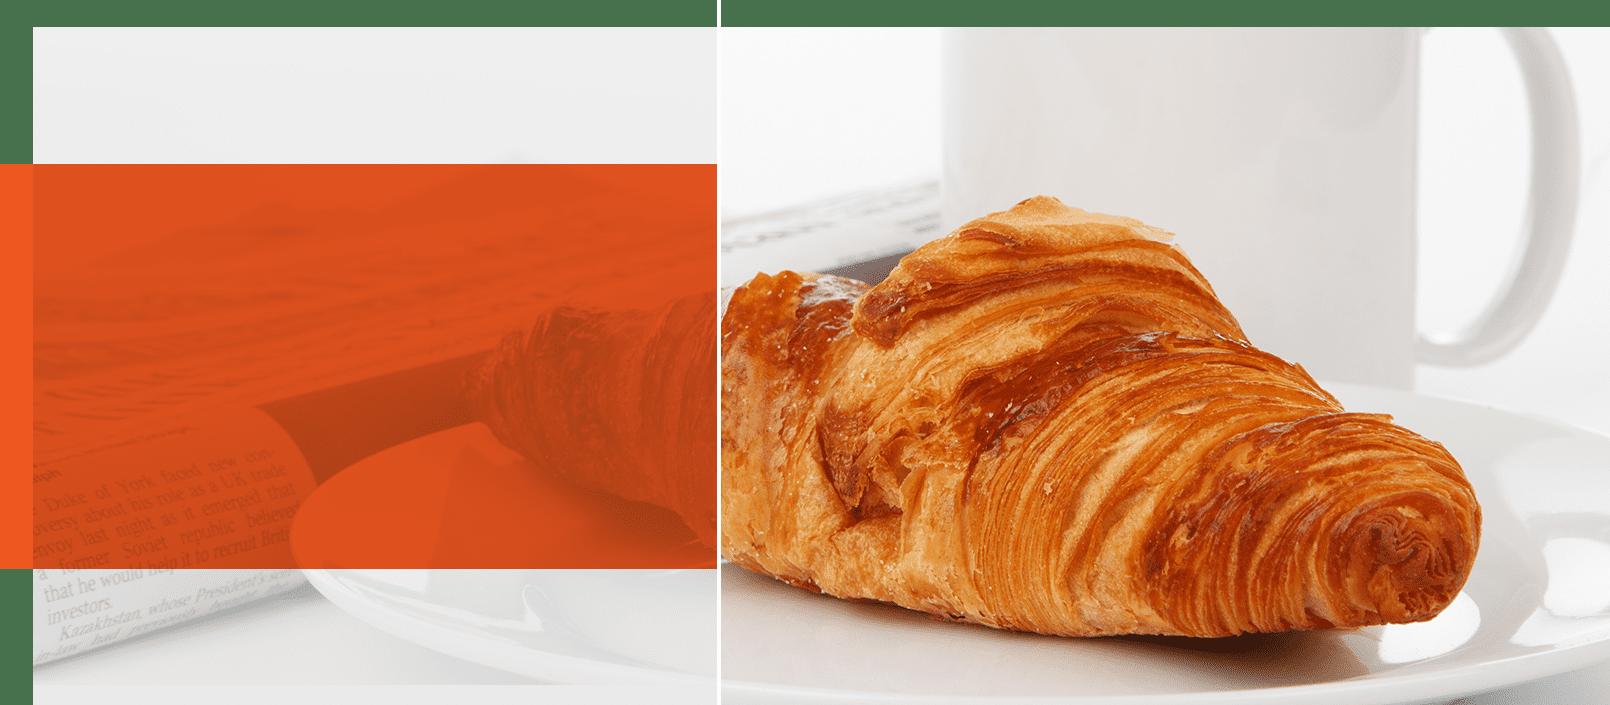 Foto Croissantje na een maag of darmonderzoek